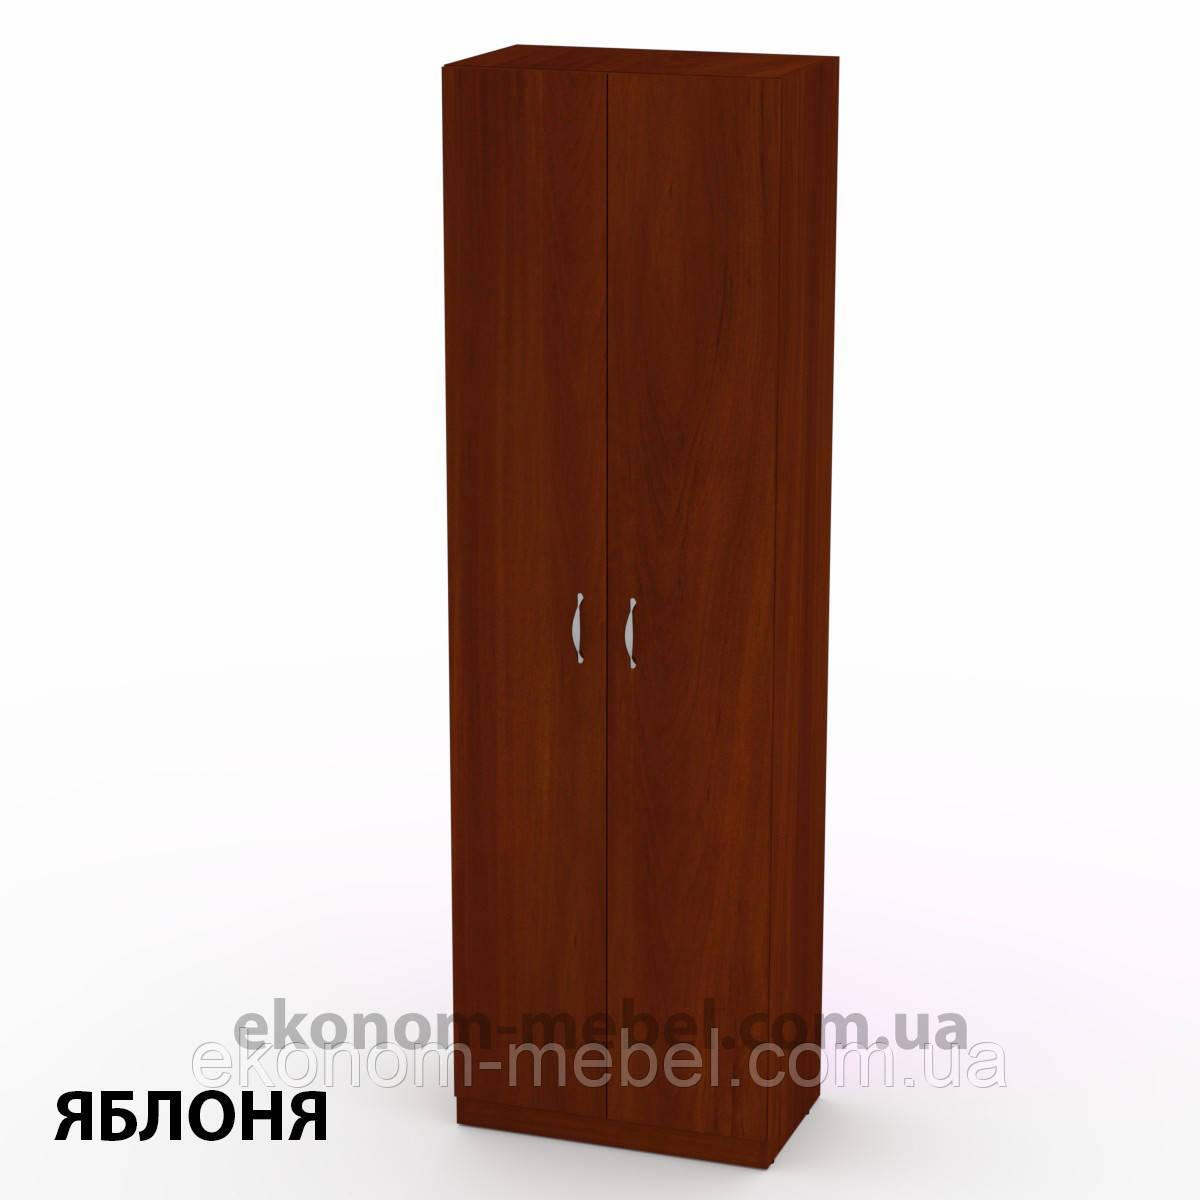 Шкаф-11 маленький для верхней одежды в офис или прихожую